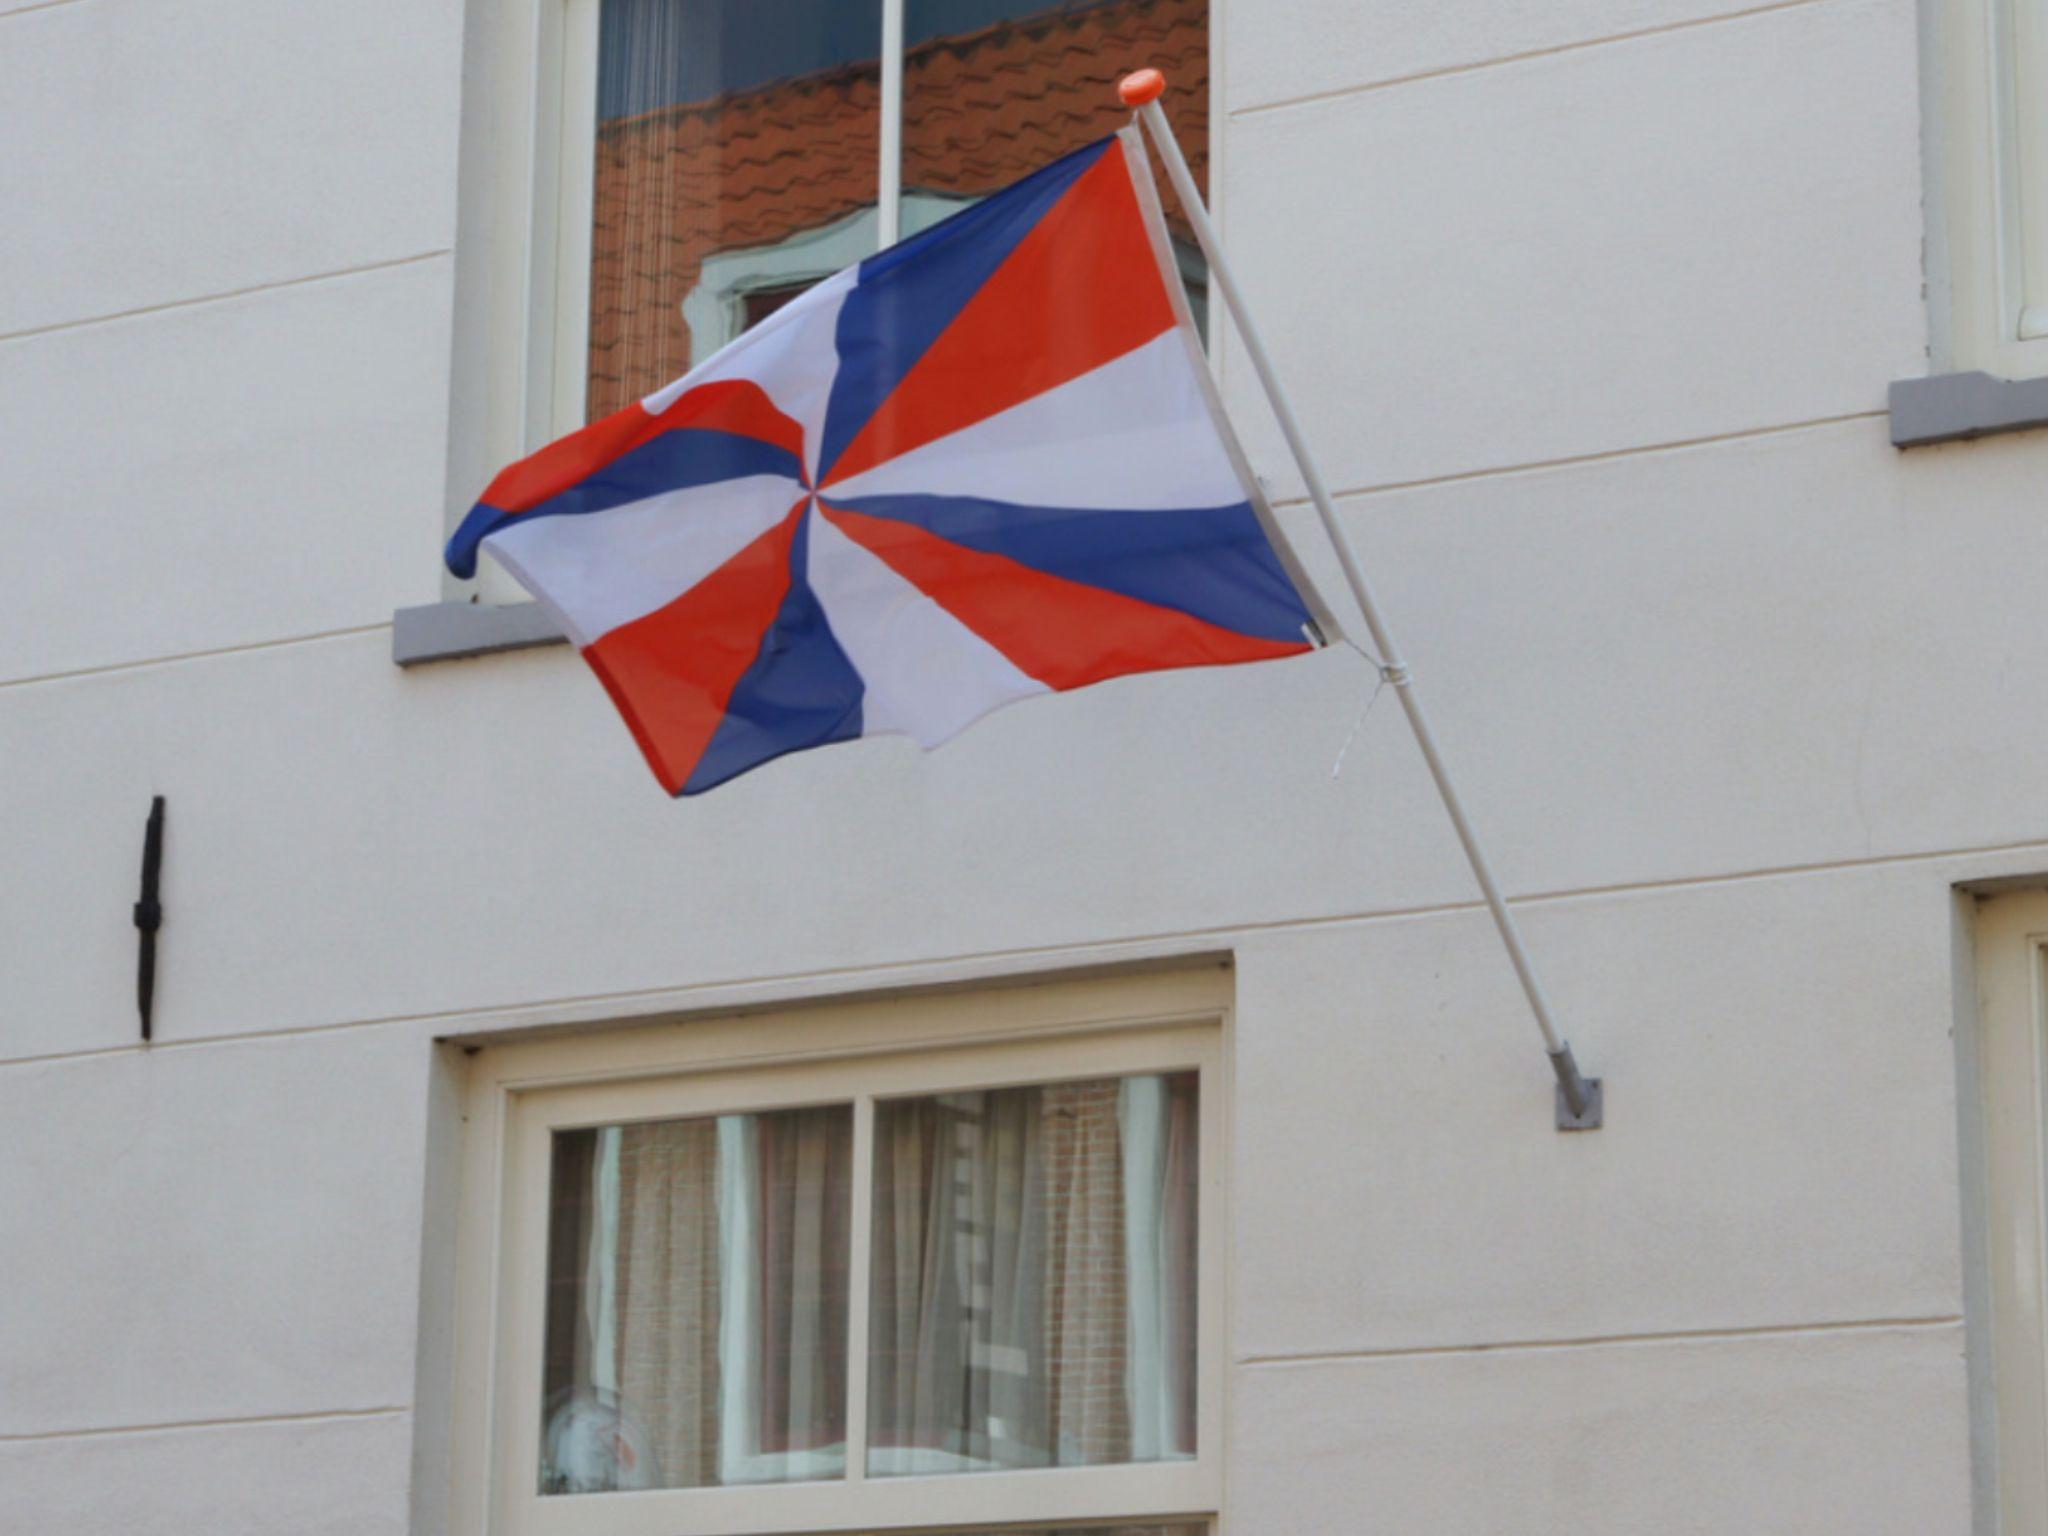 Geuzenvlag Brielle 1 April Vlaggen